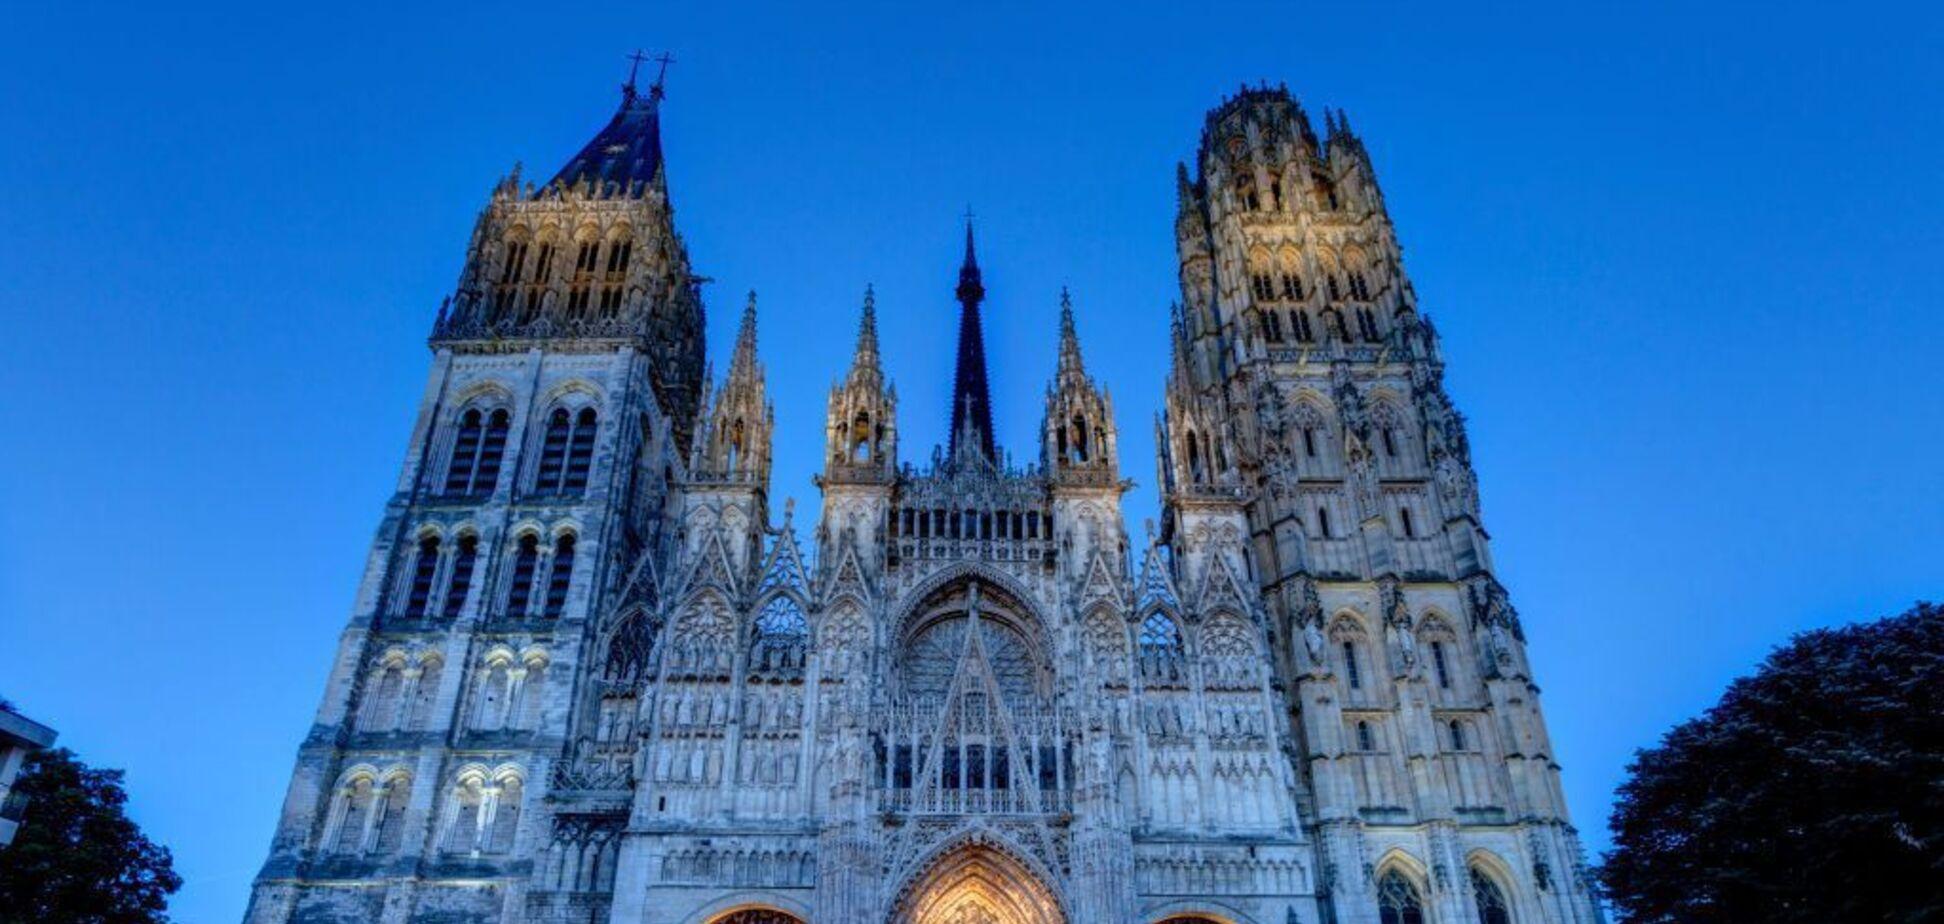 Шутки о пожаре в соборе Парижской Богоматери: давайте оставаться людьми